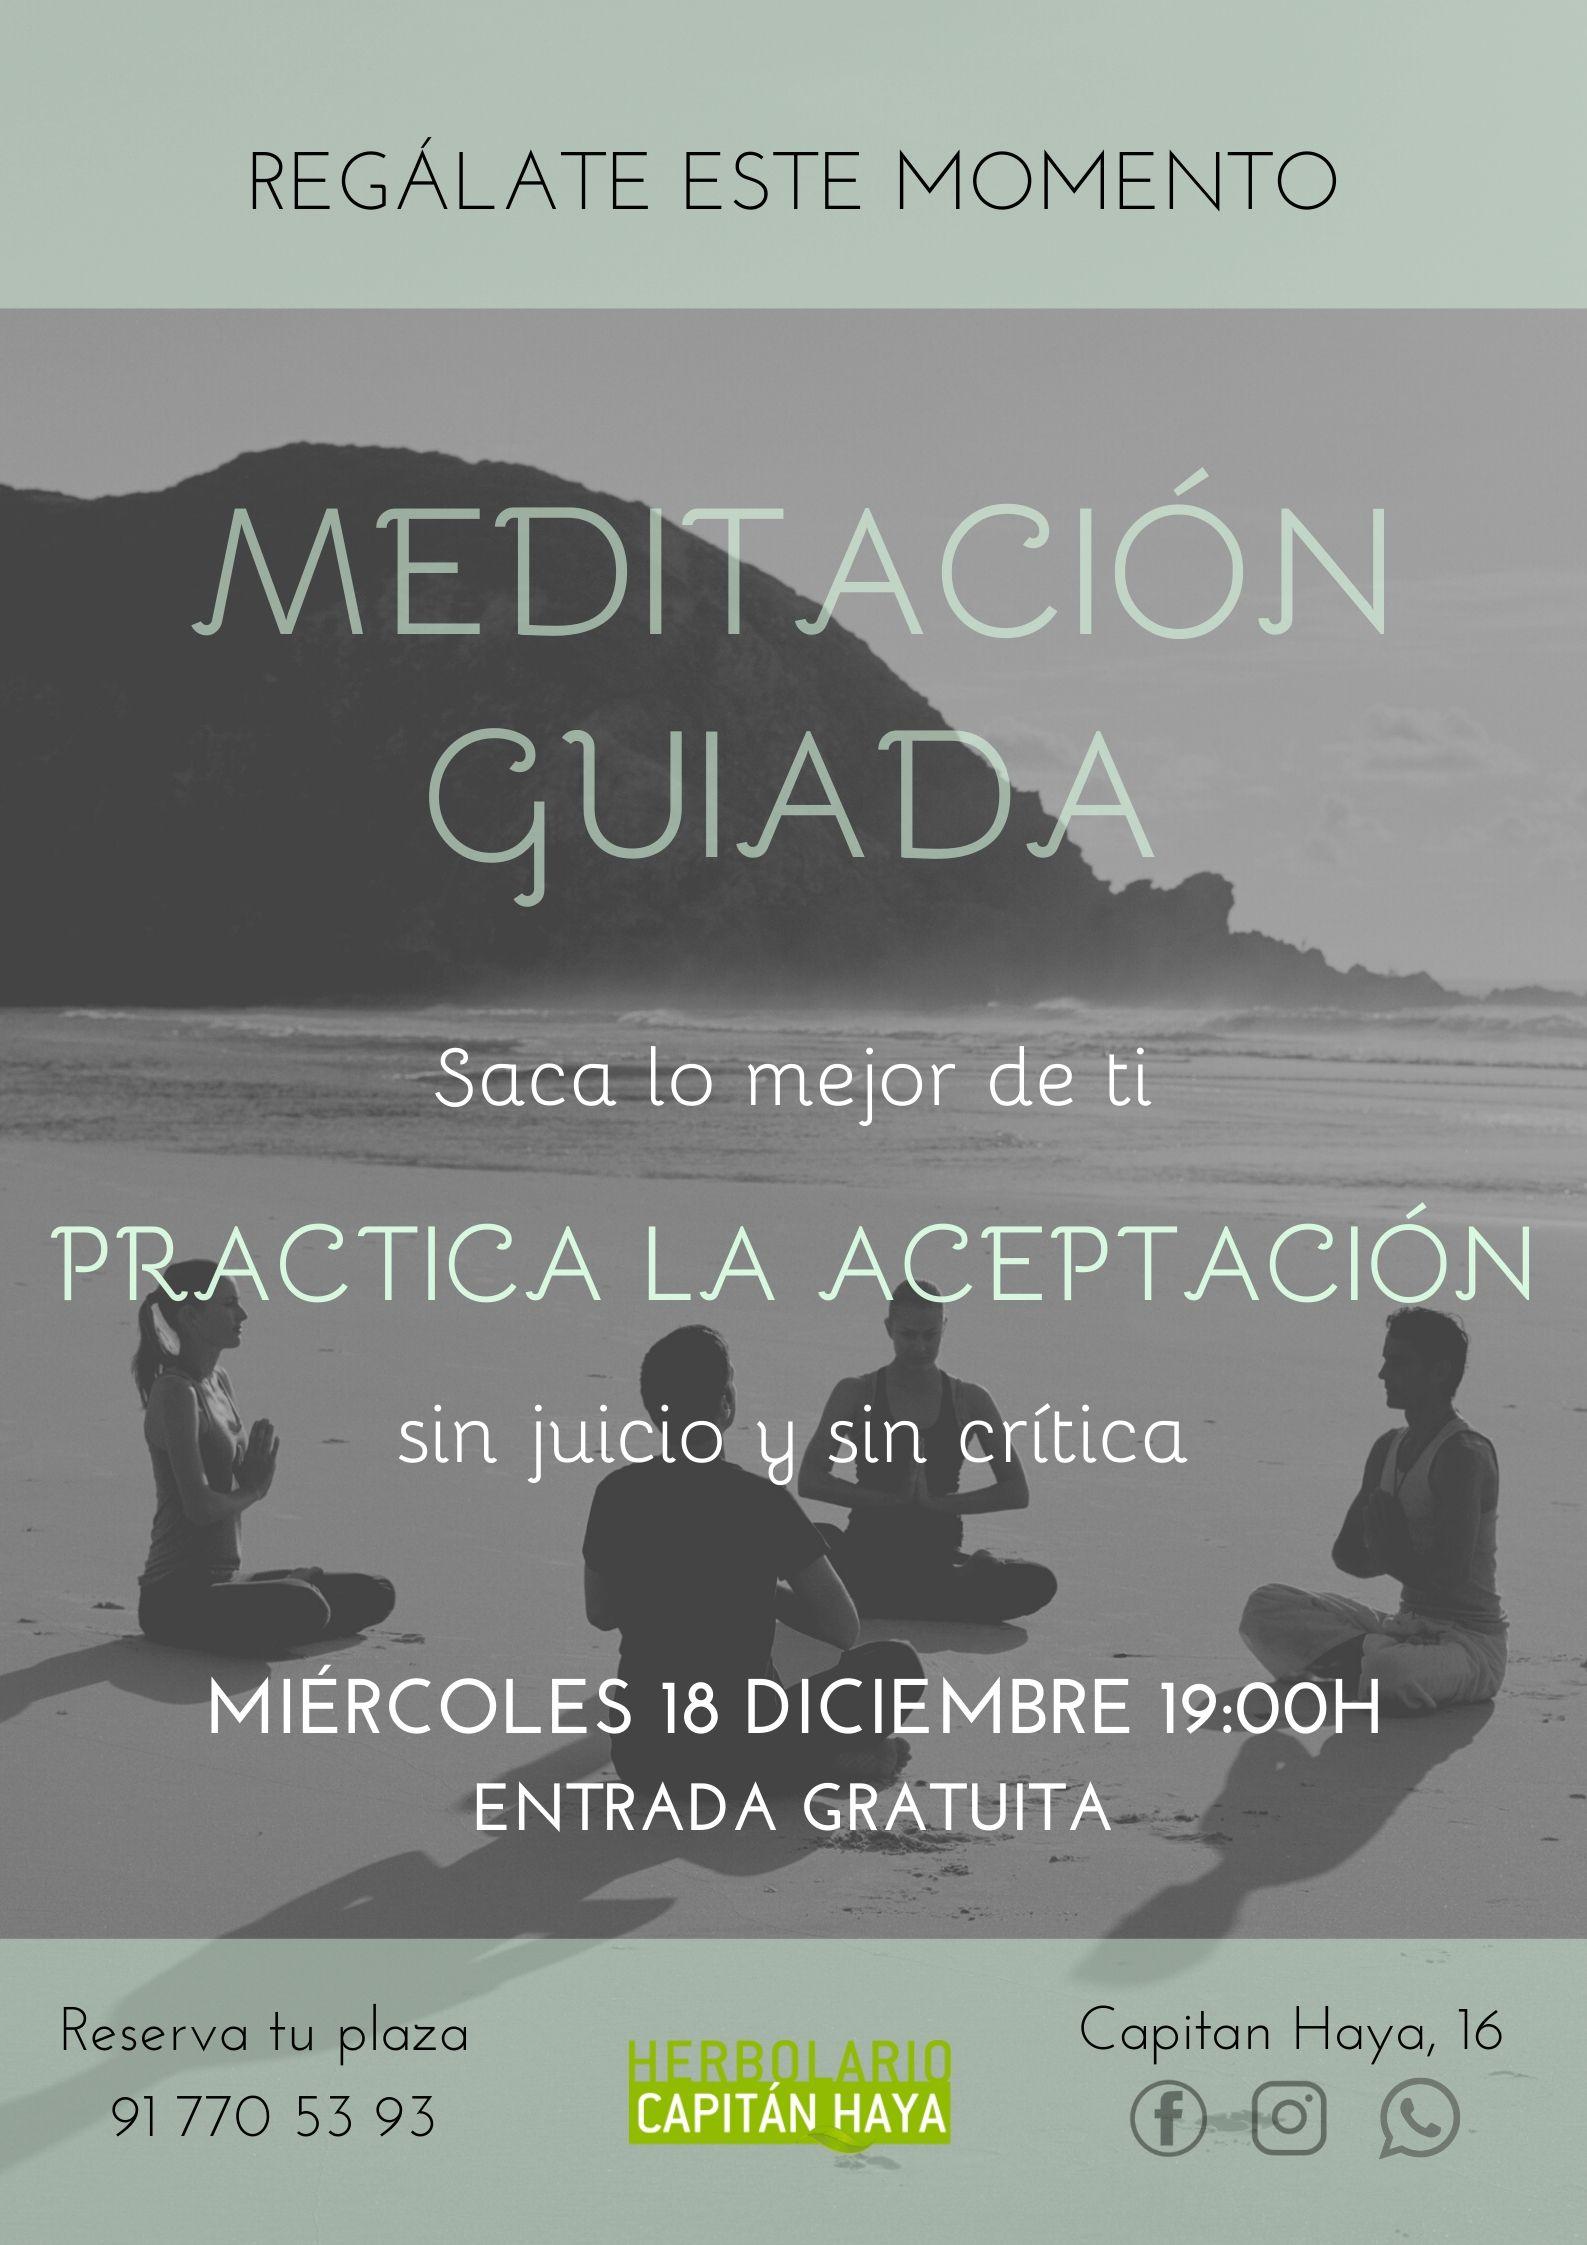 MEDITACION GUIADA GRATUITA ACEPTACIÓN